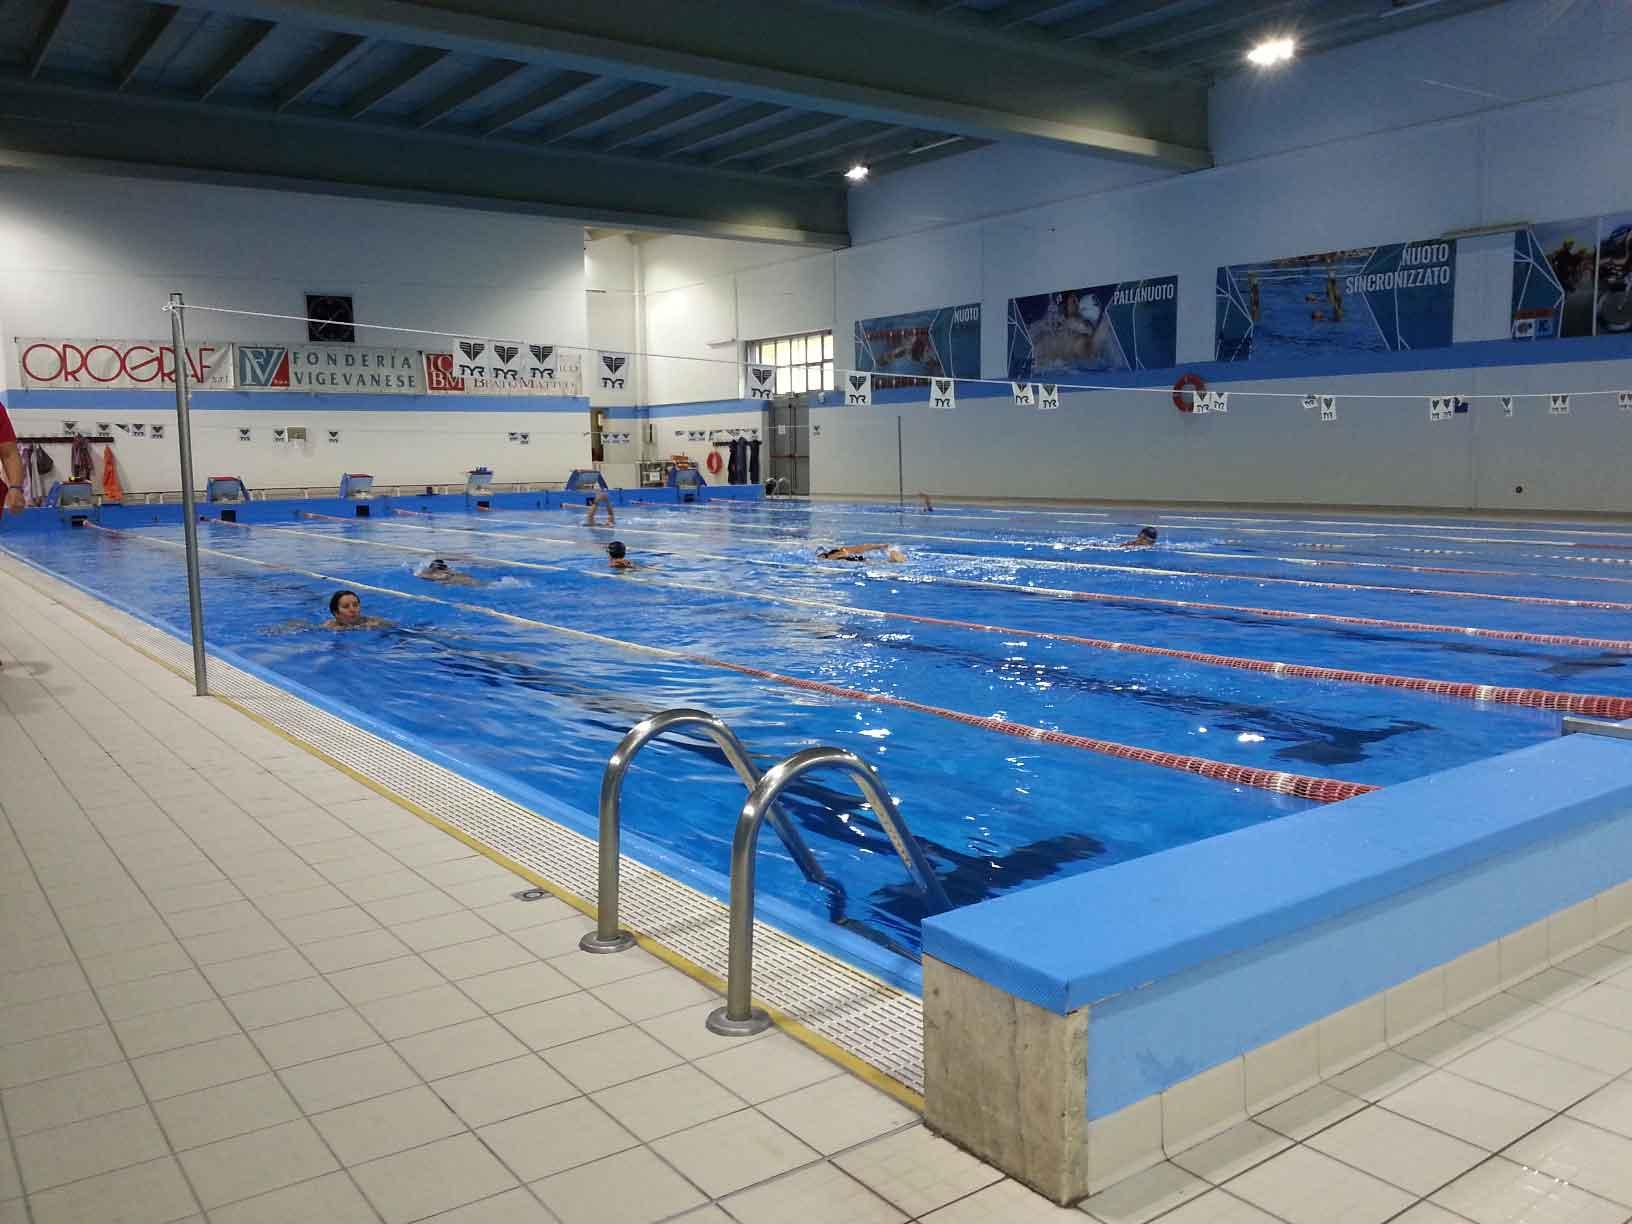 nuova illuminazione led per la piscina comunale di